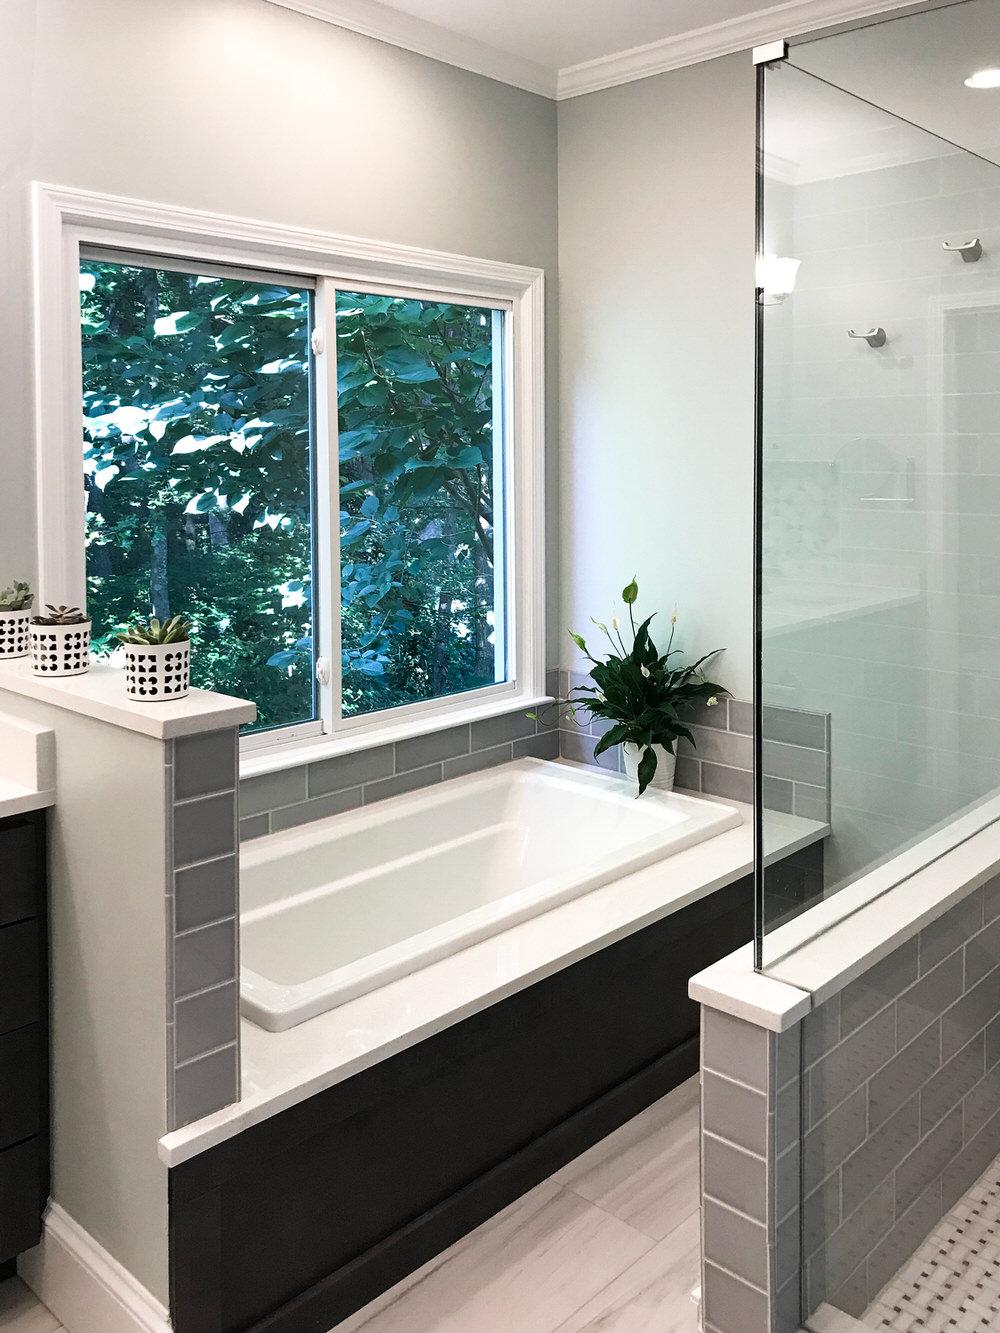 Contemporary Bathroom in Shades of Grey